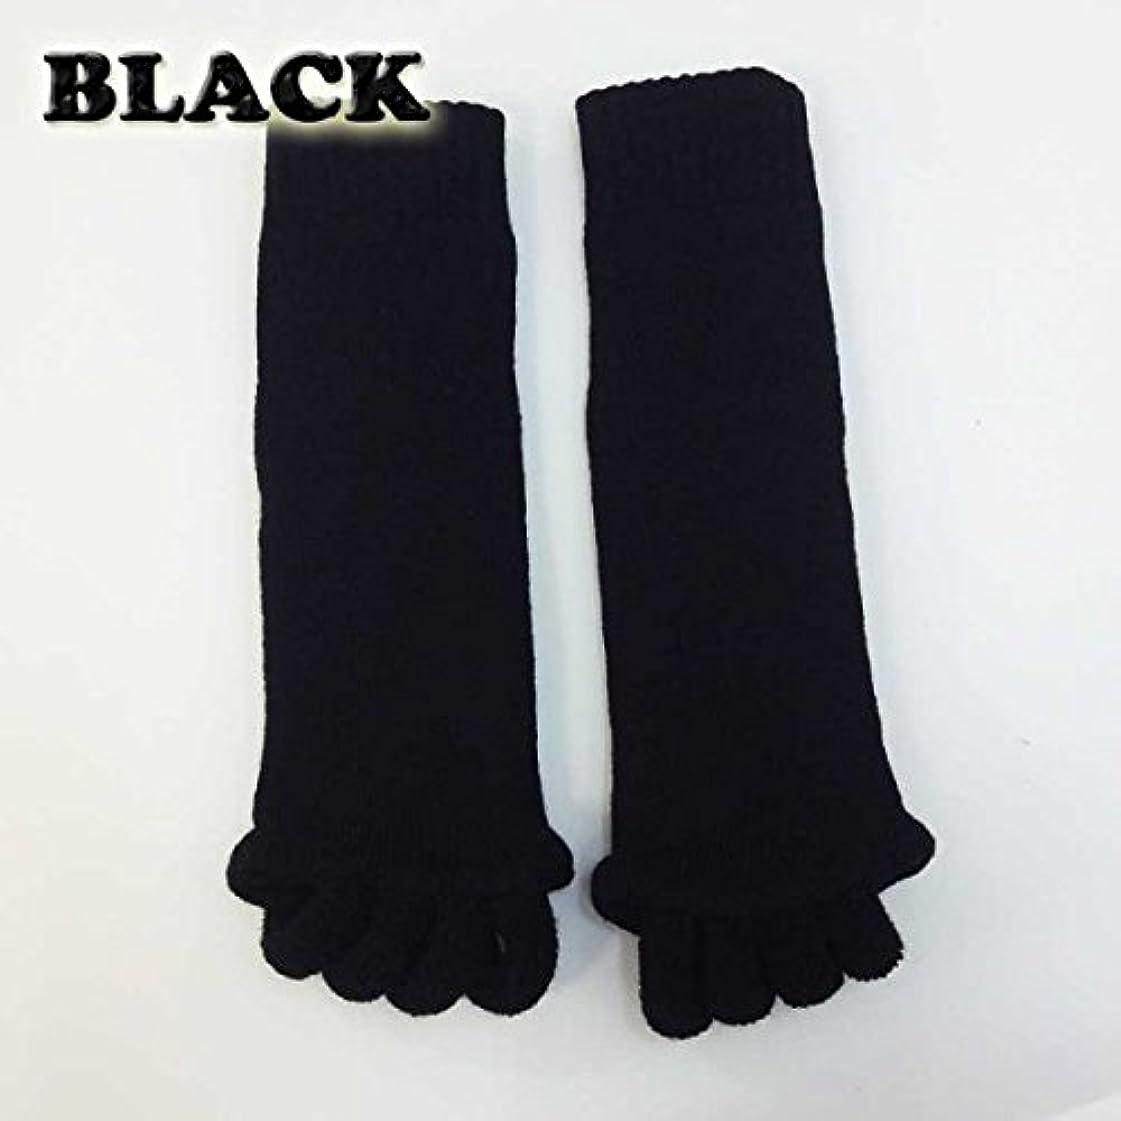 めまい困難意味する足指開きソックス (左右1組) 履くだけ 簡単 フットケア リラックス むくみ (ブラック)